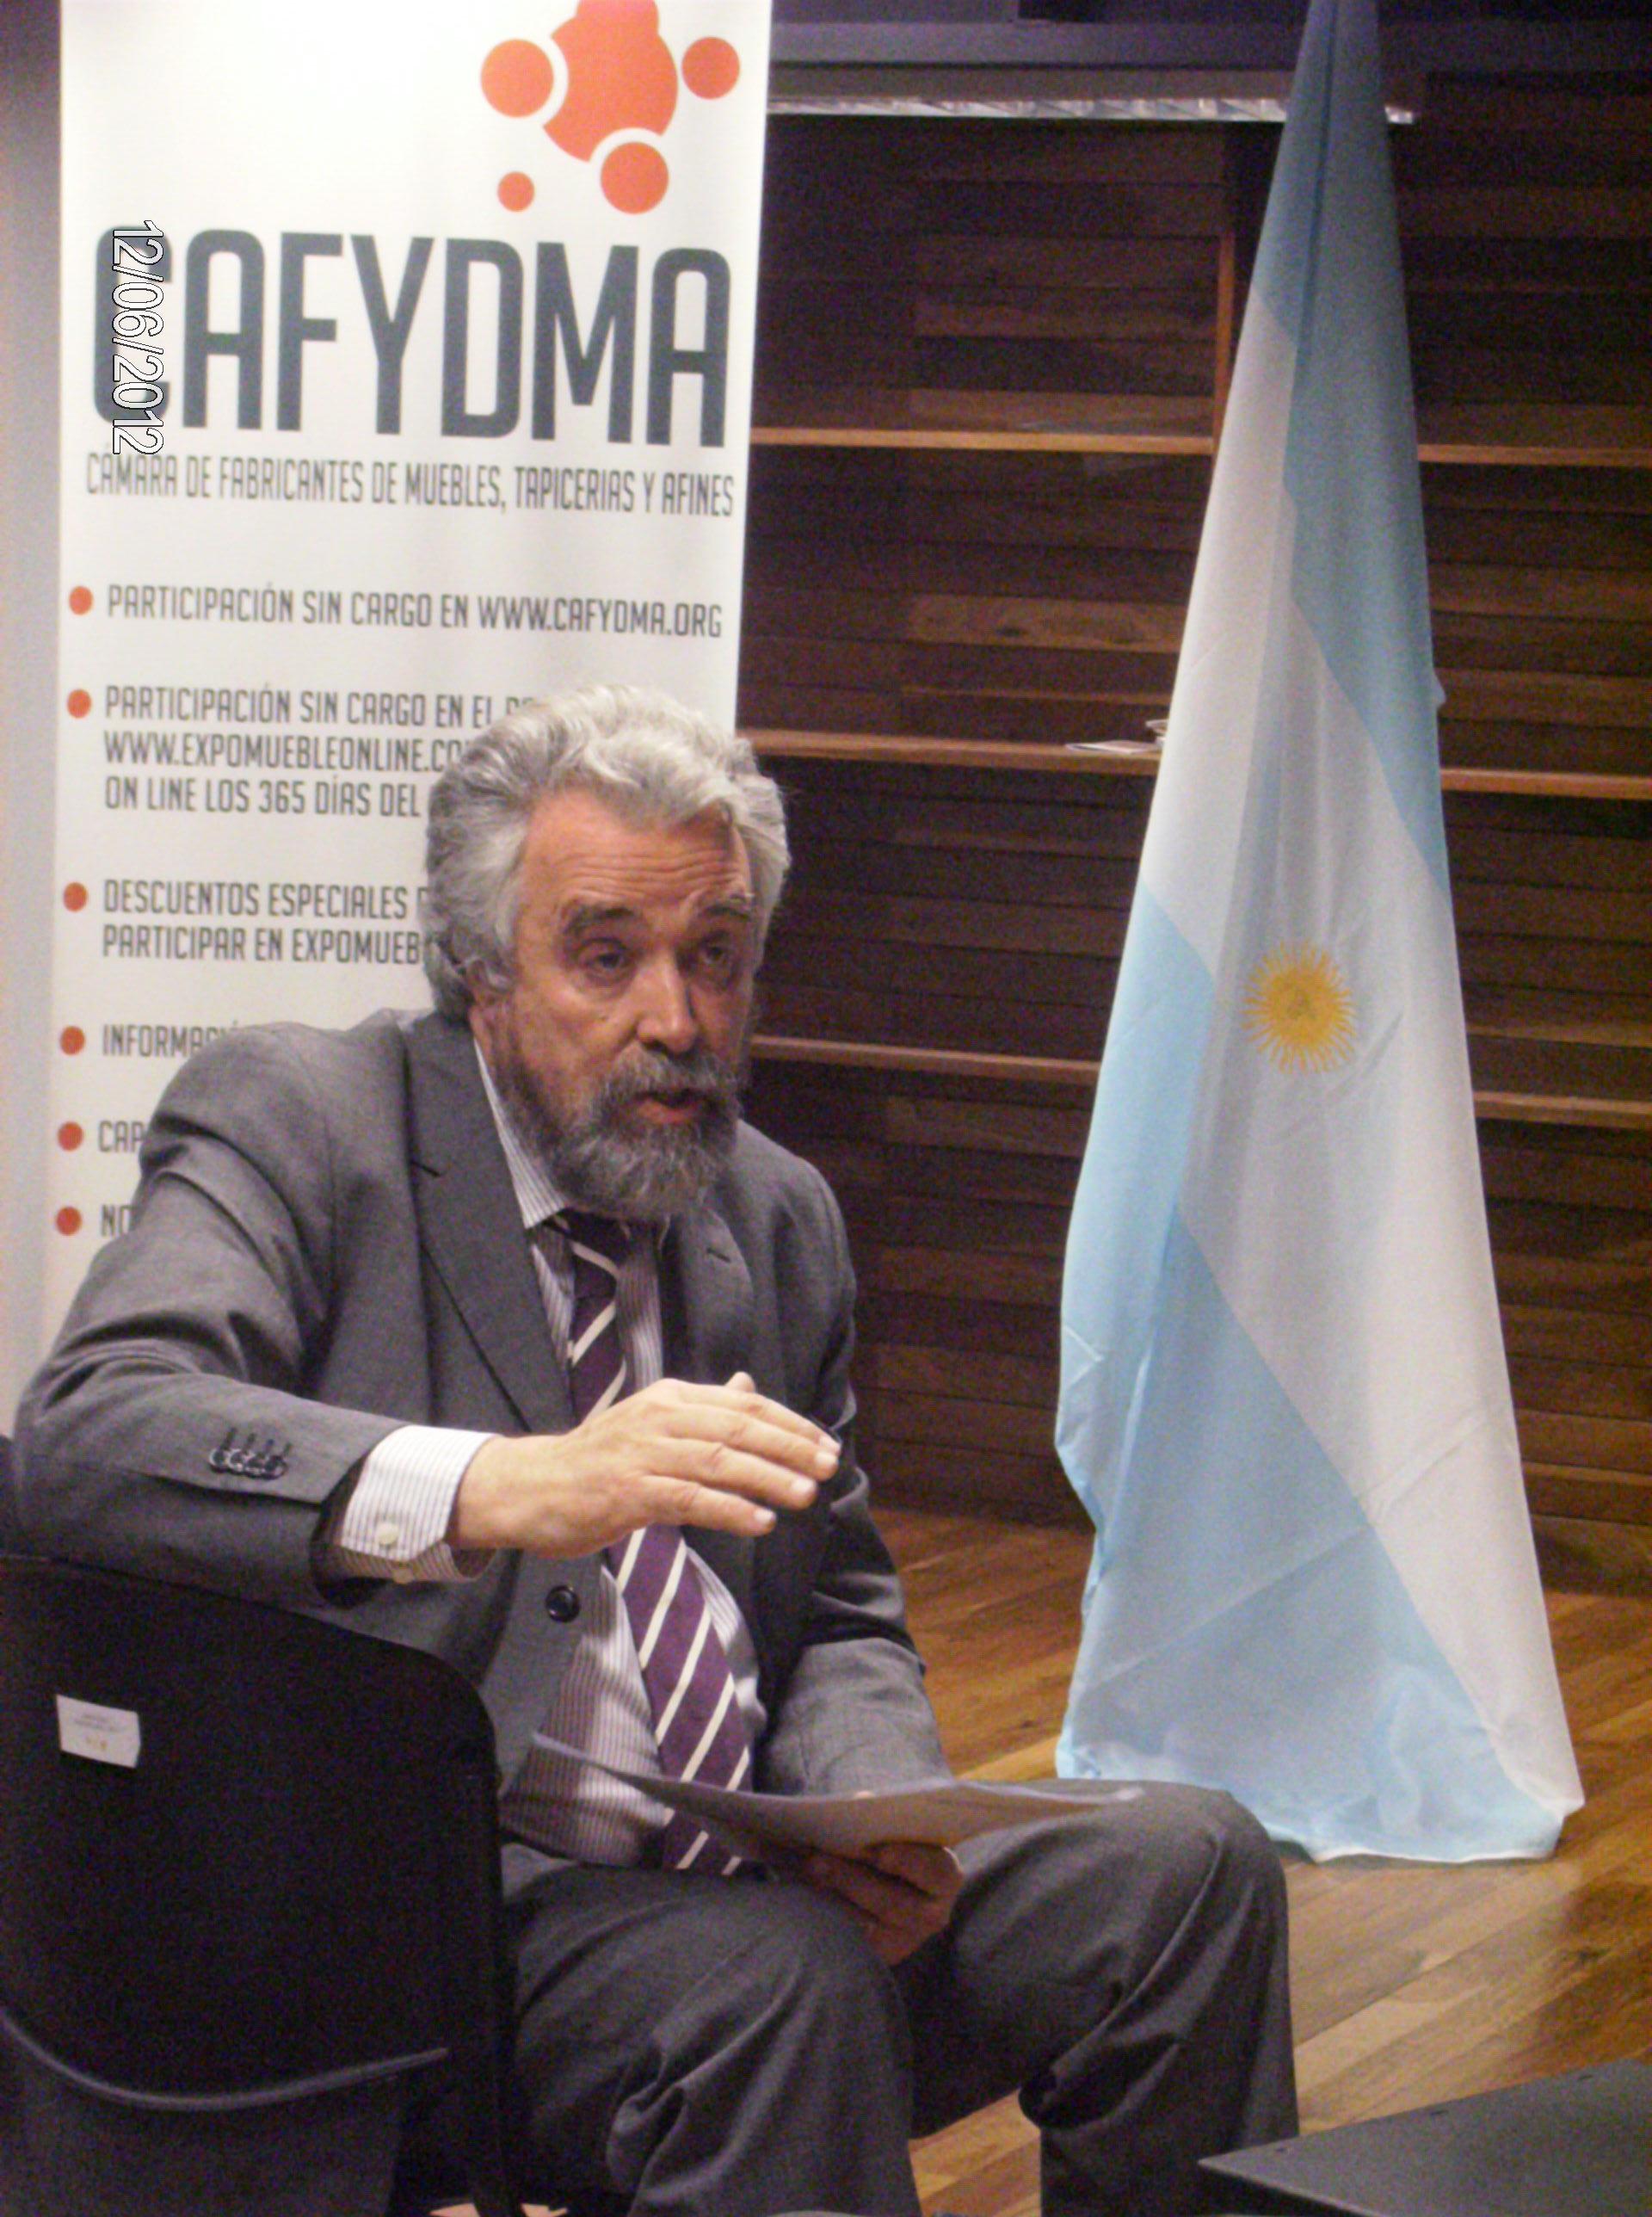 El Sr. Intendente de Moreno, Mariano West, explicando la importancia y los beneficios del Parque Industrial para los socios de Cafydma.